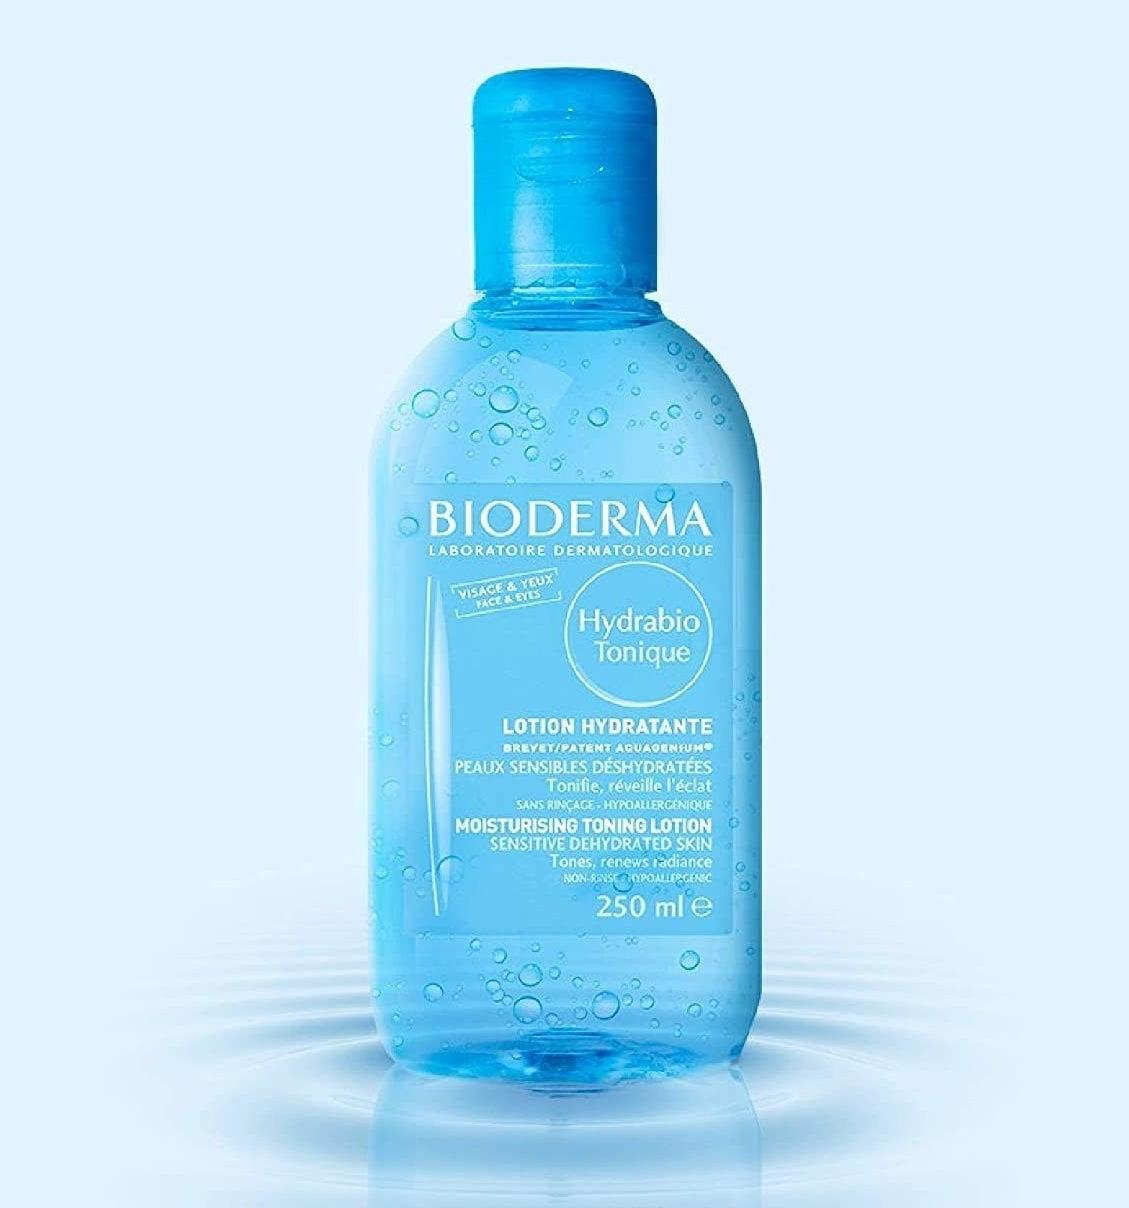 the blue bottle of toner